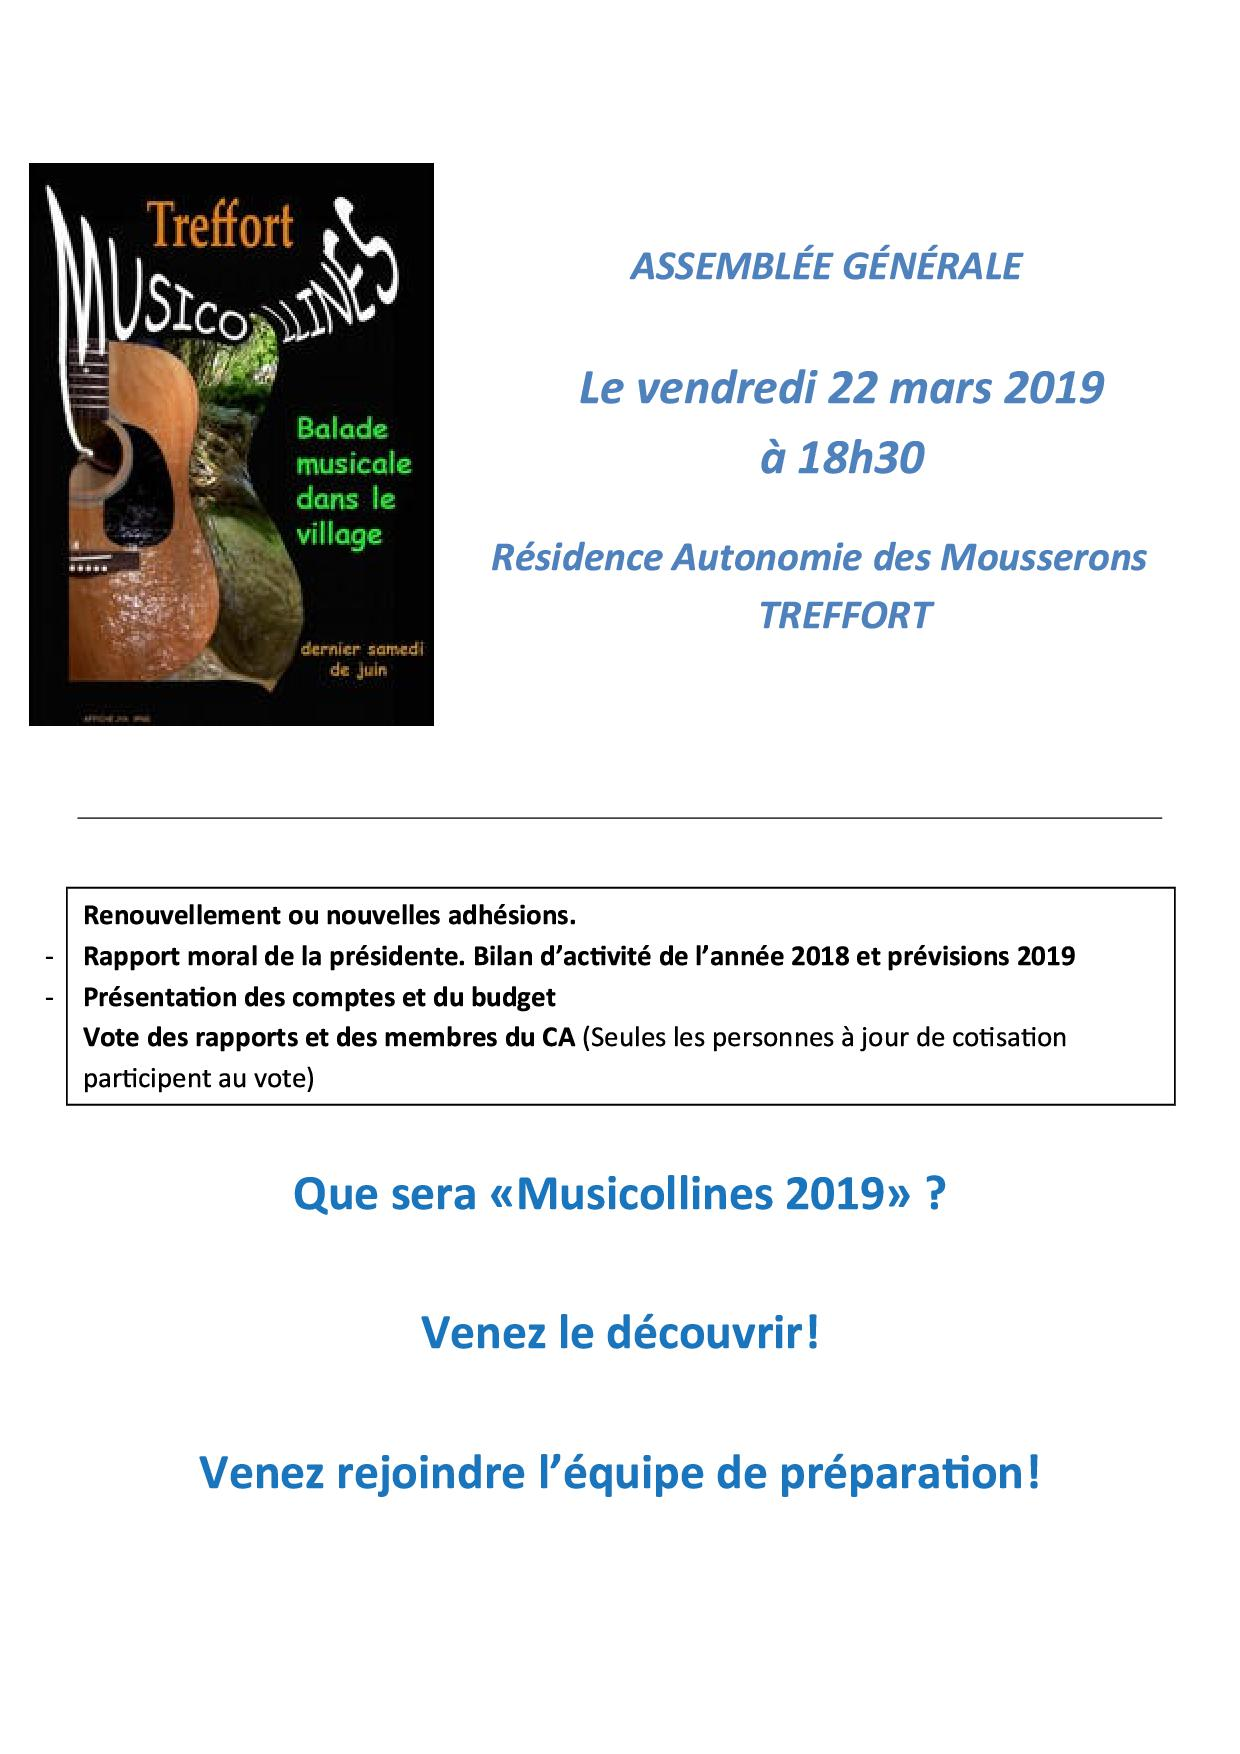 Assemblée Générale MUSICOLLINES